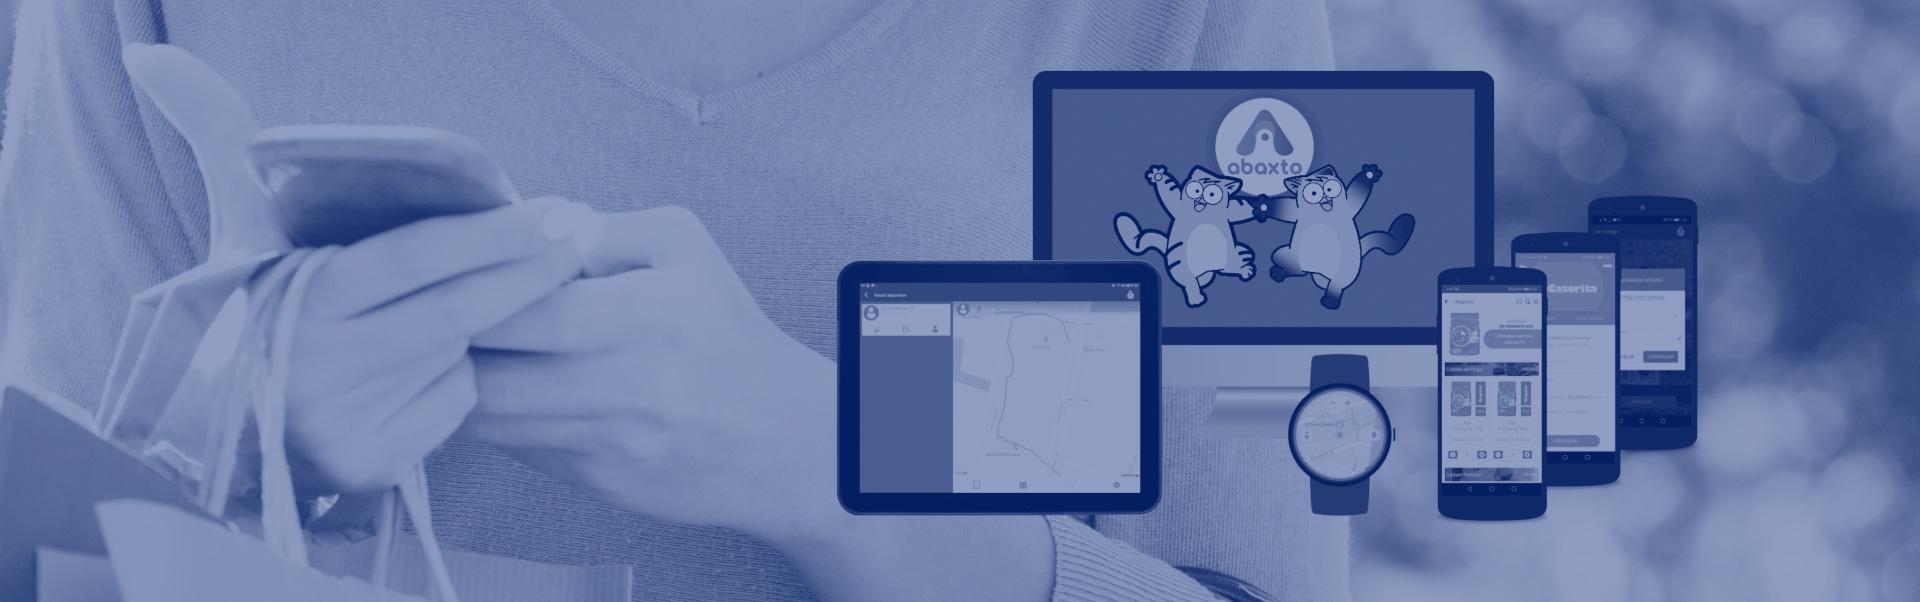 Abaxto lanza su primera Marca Blanca en Chile para La Caserita – App Móvil para Ventas Mayoristas